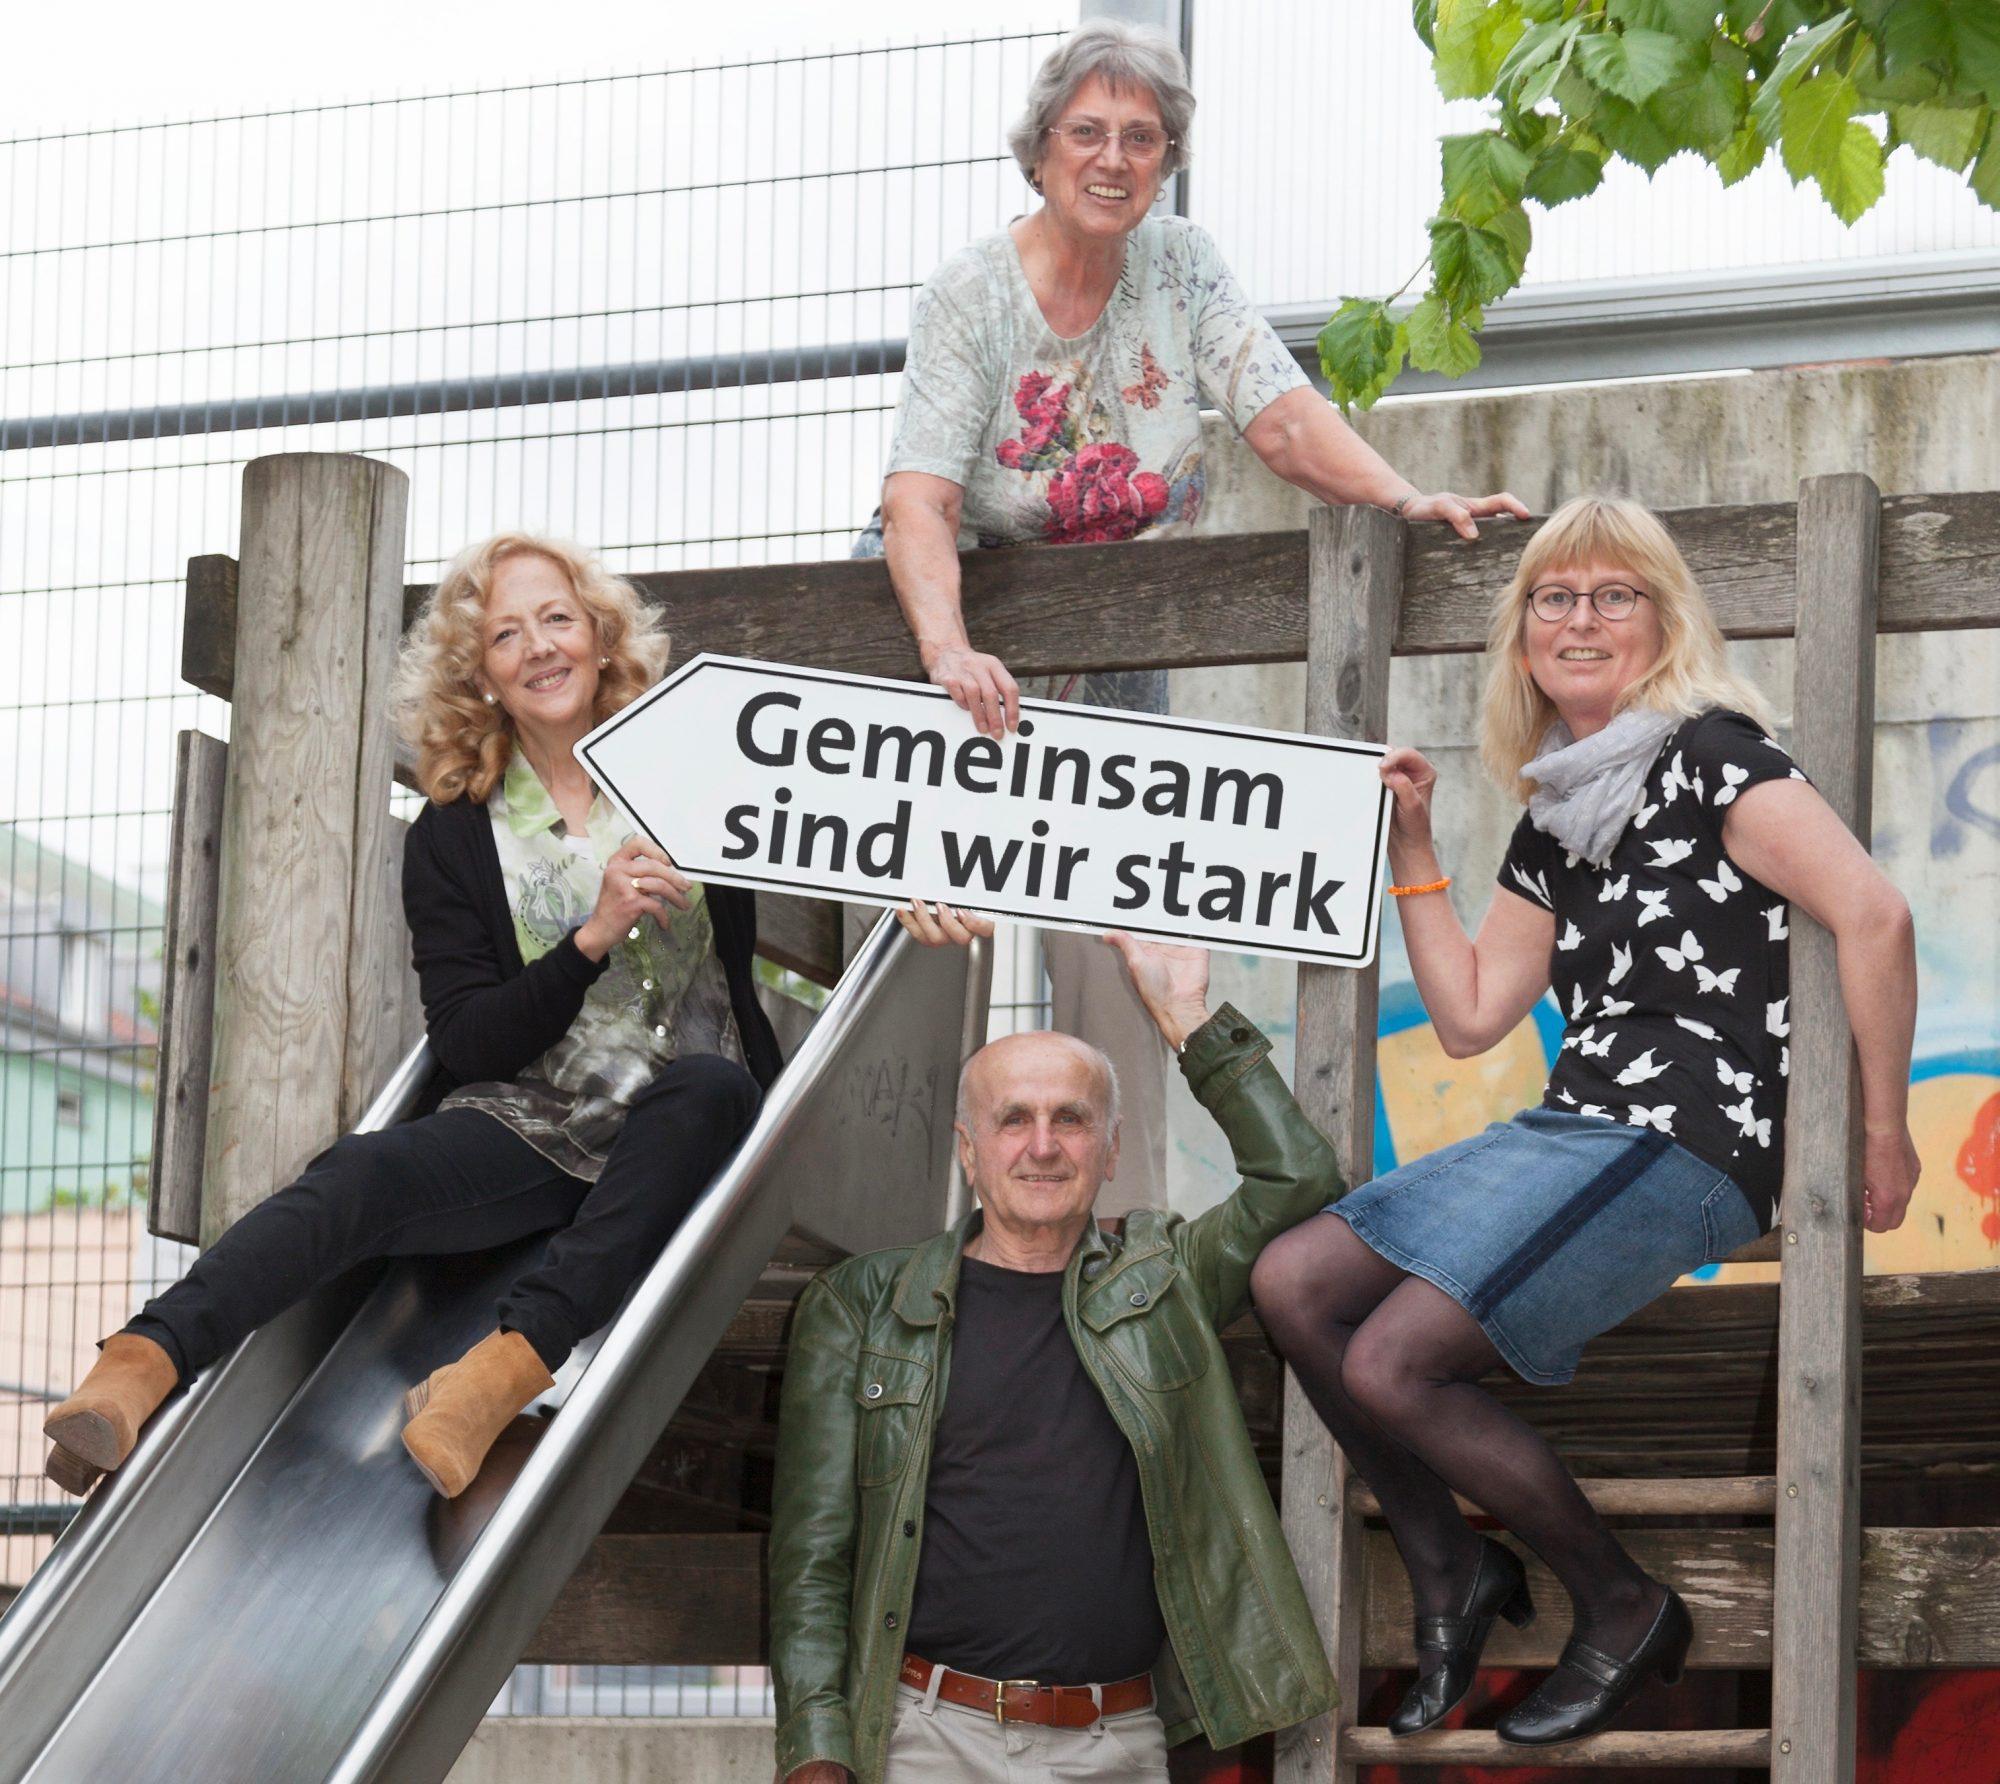 Mitglieder der Scleroderma Liga in München mit der langjährigen Vorsitzenden Maria Reeb (oben)